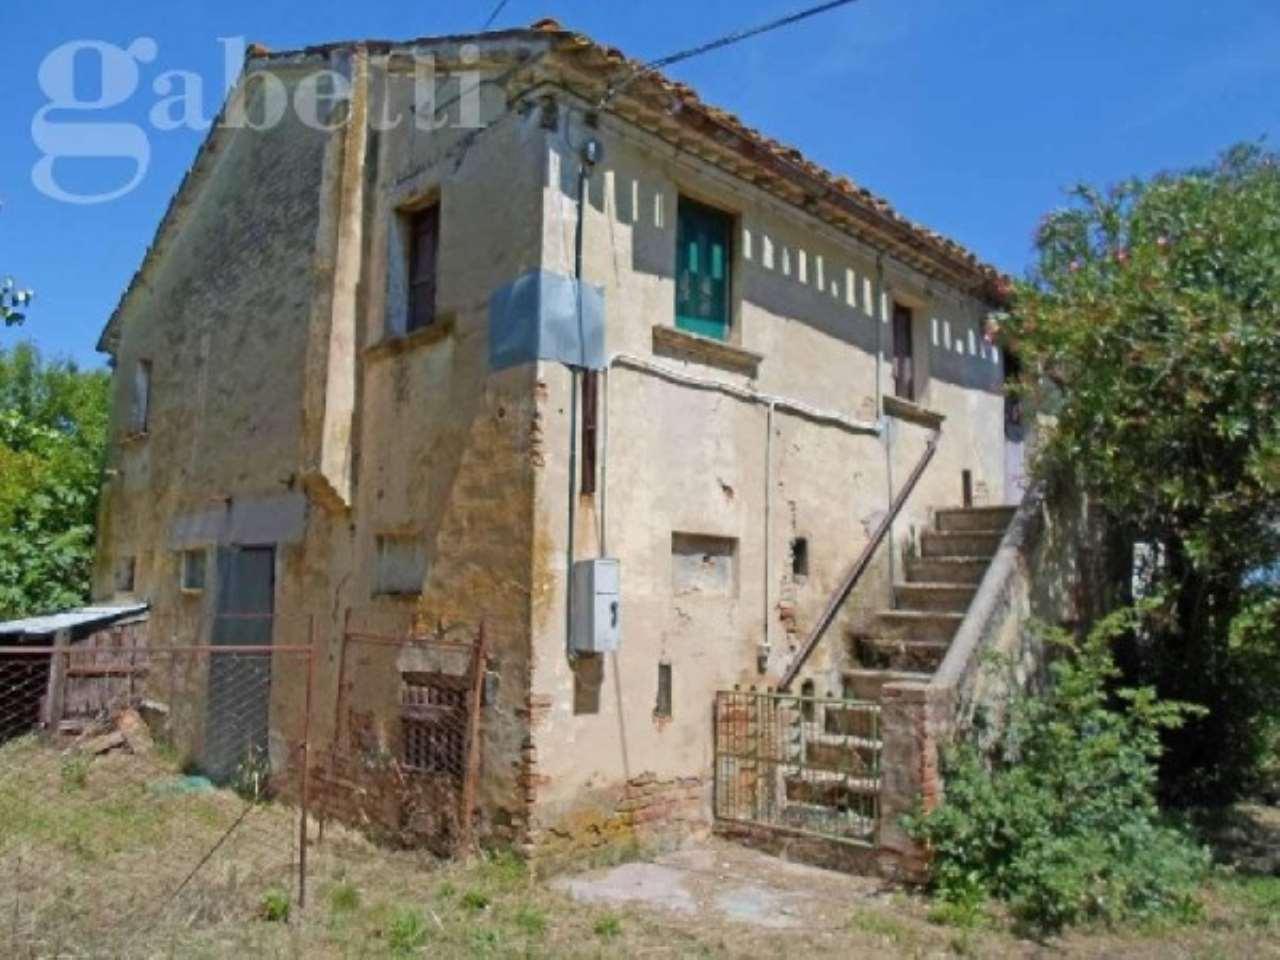 Rustico / Casale in vendita a Ostra Vetere, 6 locali, prezzo € 160.000 | Cambio Casa.it